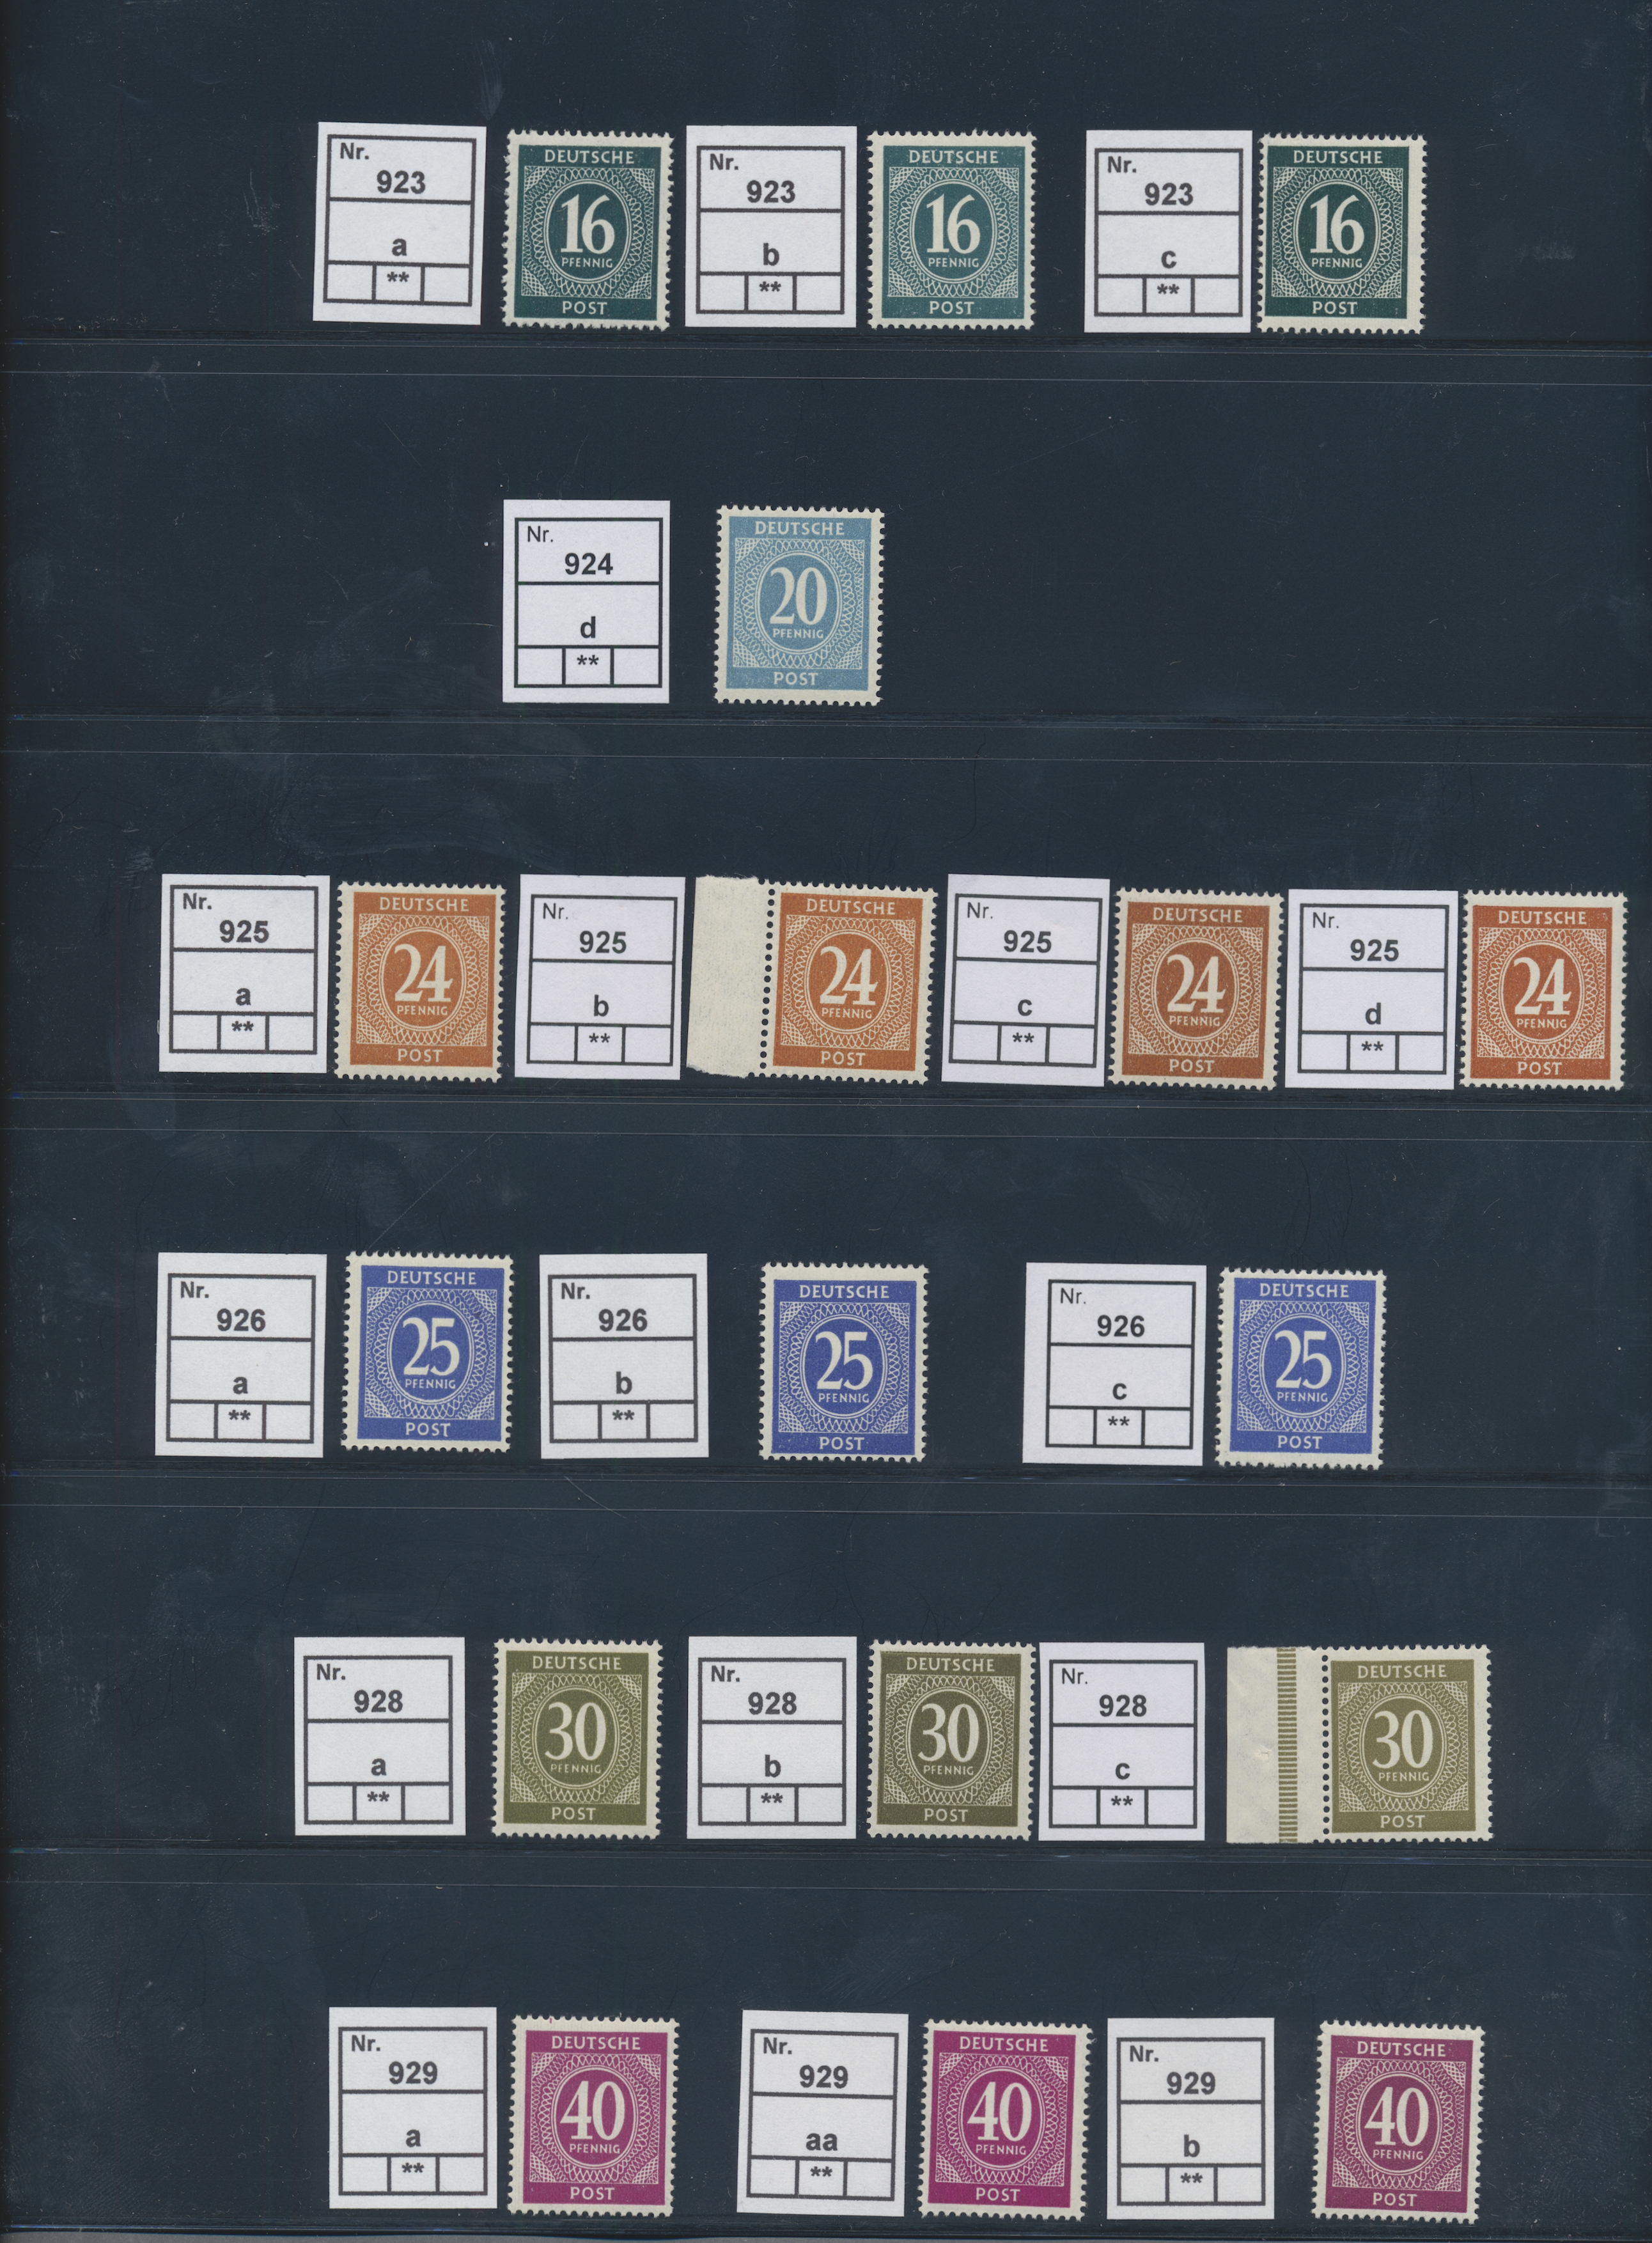 Lot 23989 - Alliierte Besetzung - Gemeinschaftsausgabe  -  Auktionshaus Christoph Gärtner GmbH & Co. KG 50th Auction Anniversary Auction - Day 7